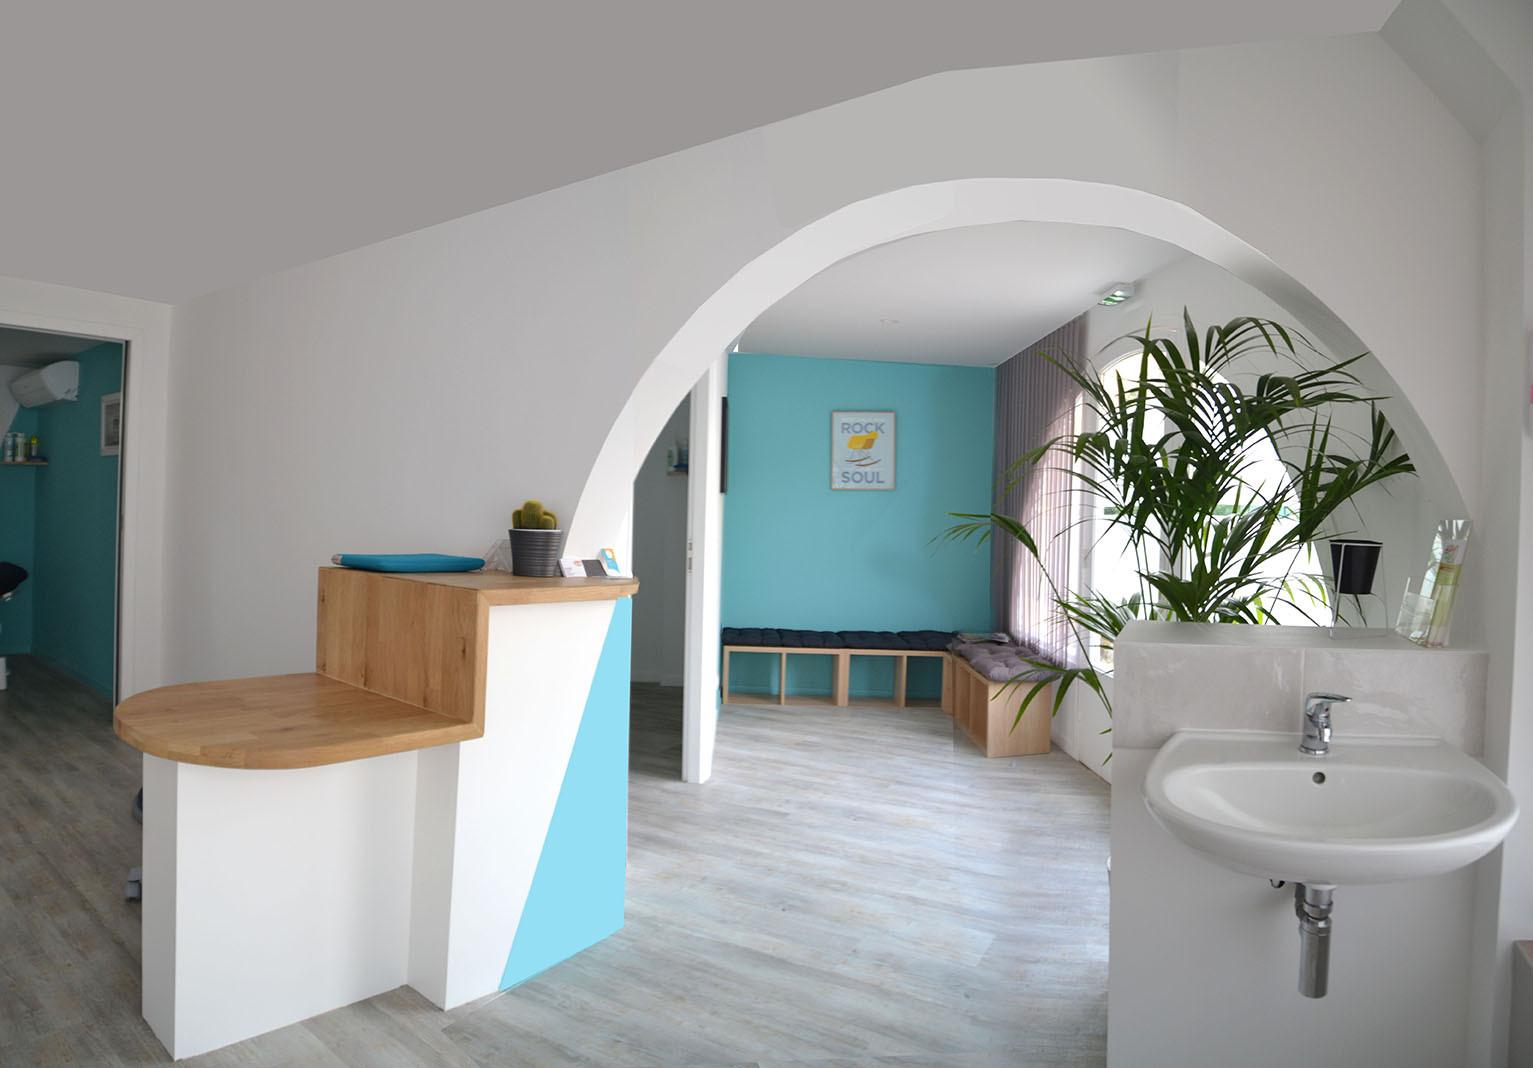 Cabinet 01 Salle de kinesitherapie salle d'attente